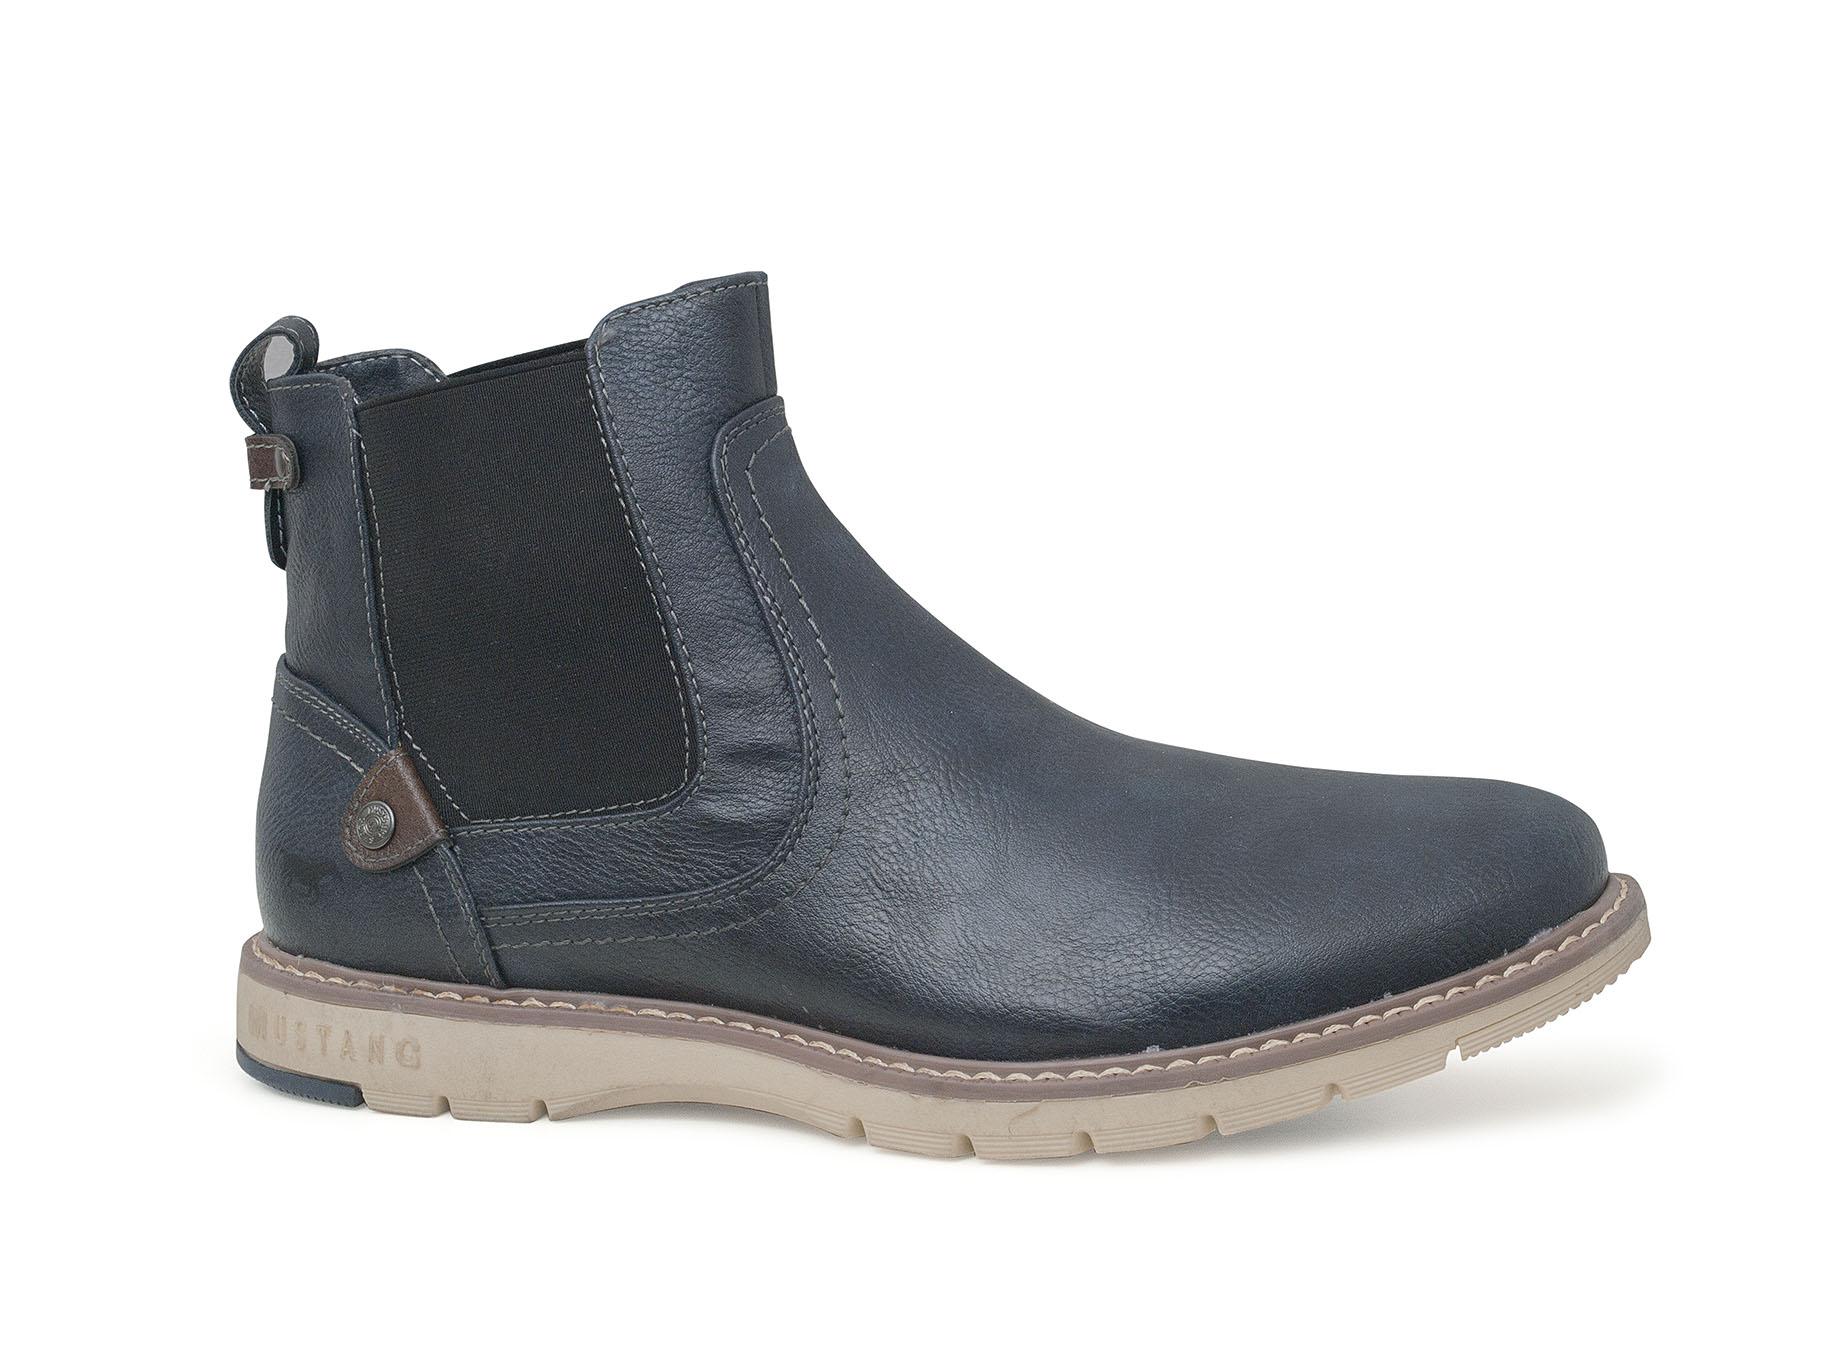 Boots Kinderschoenen.Batai Vyriski Mustang 41a 016 4105 501 820 Mustang Shoes